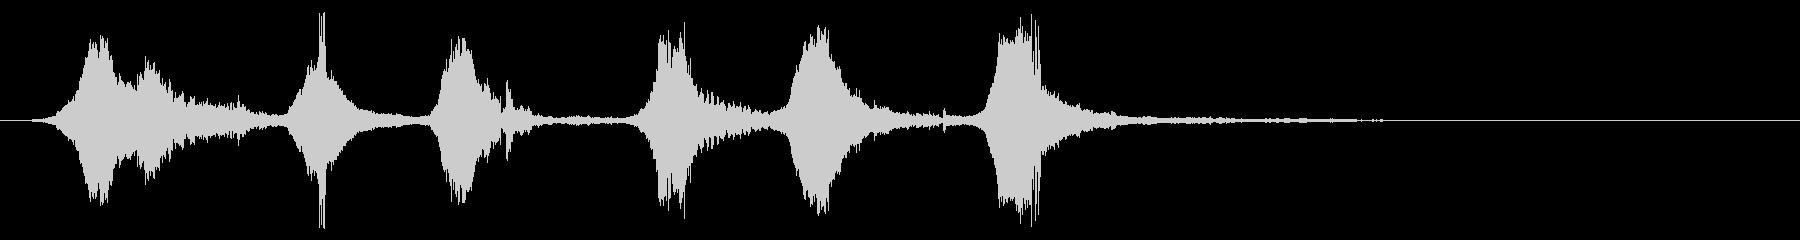 スーパーストック:非常に速い速度で...の未再生の波形